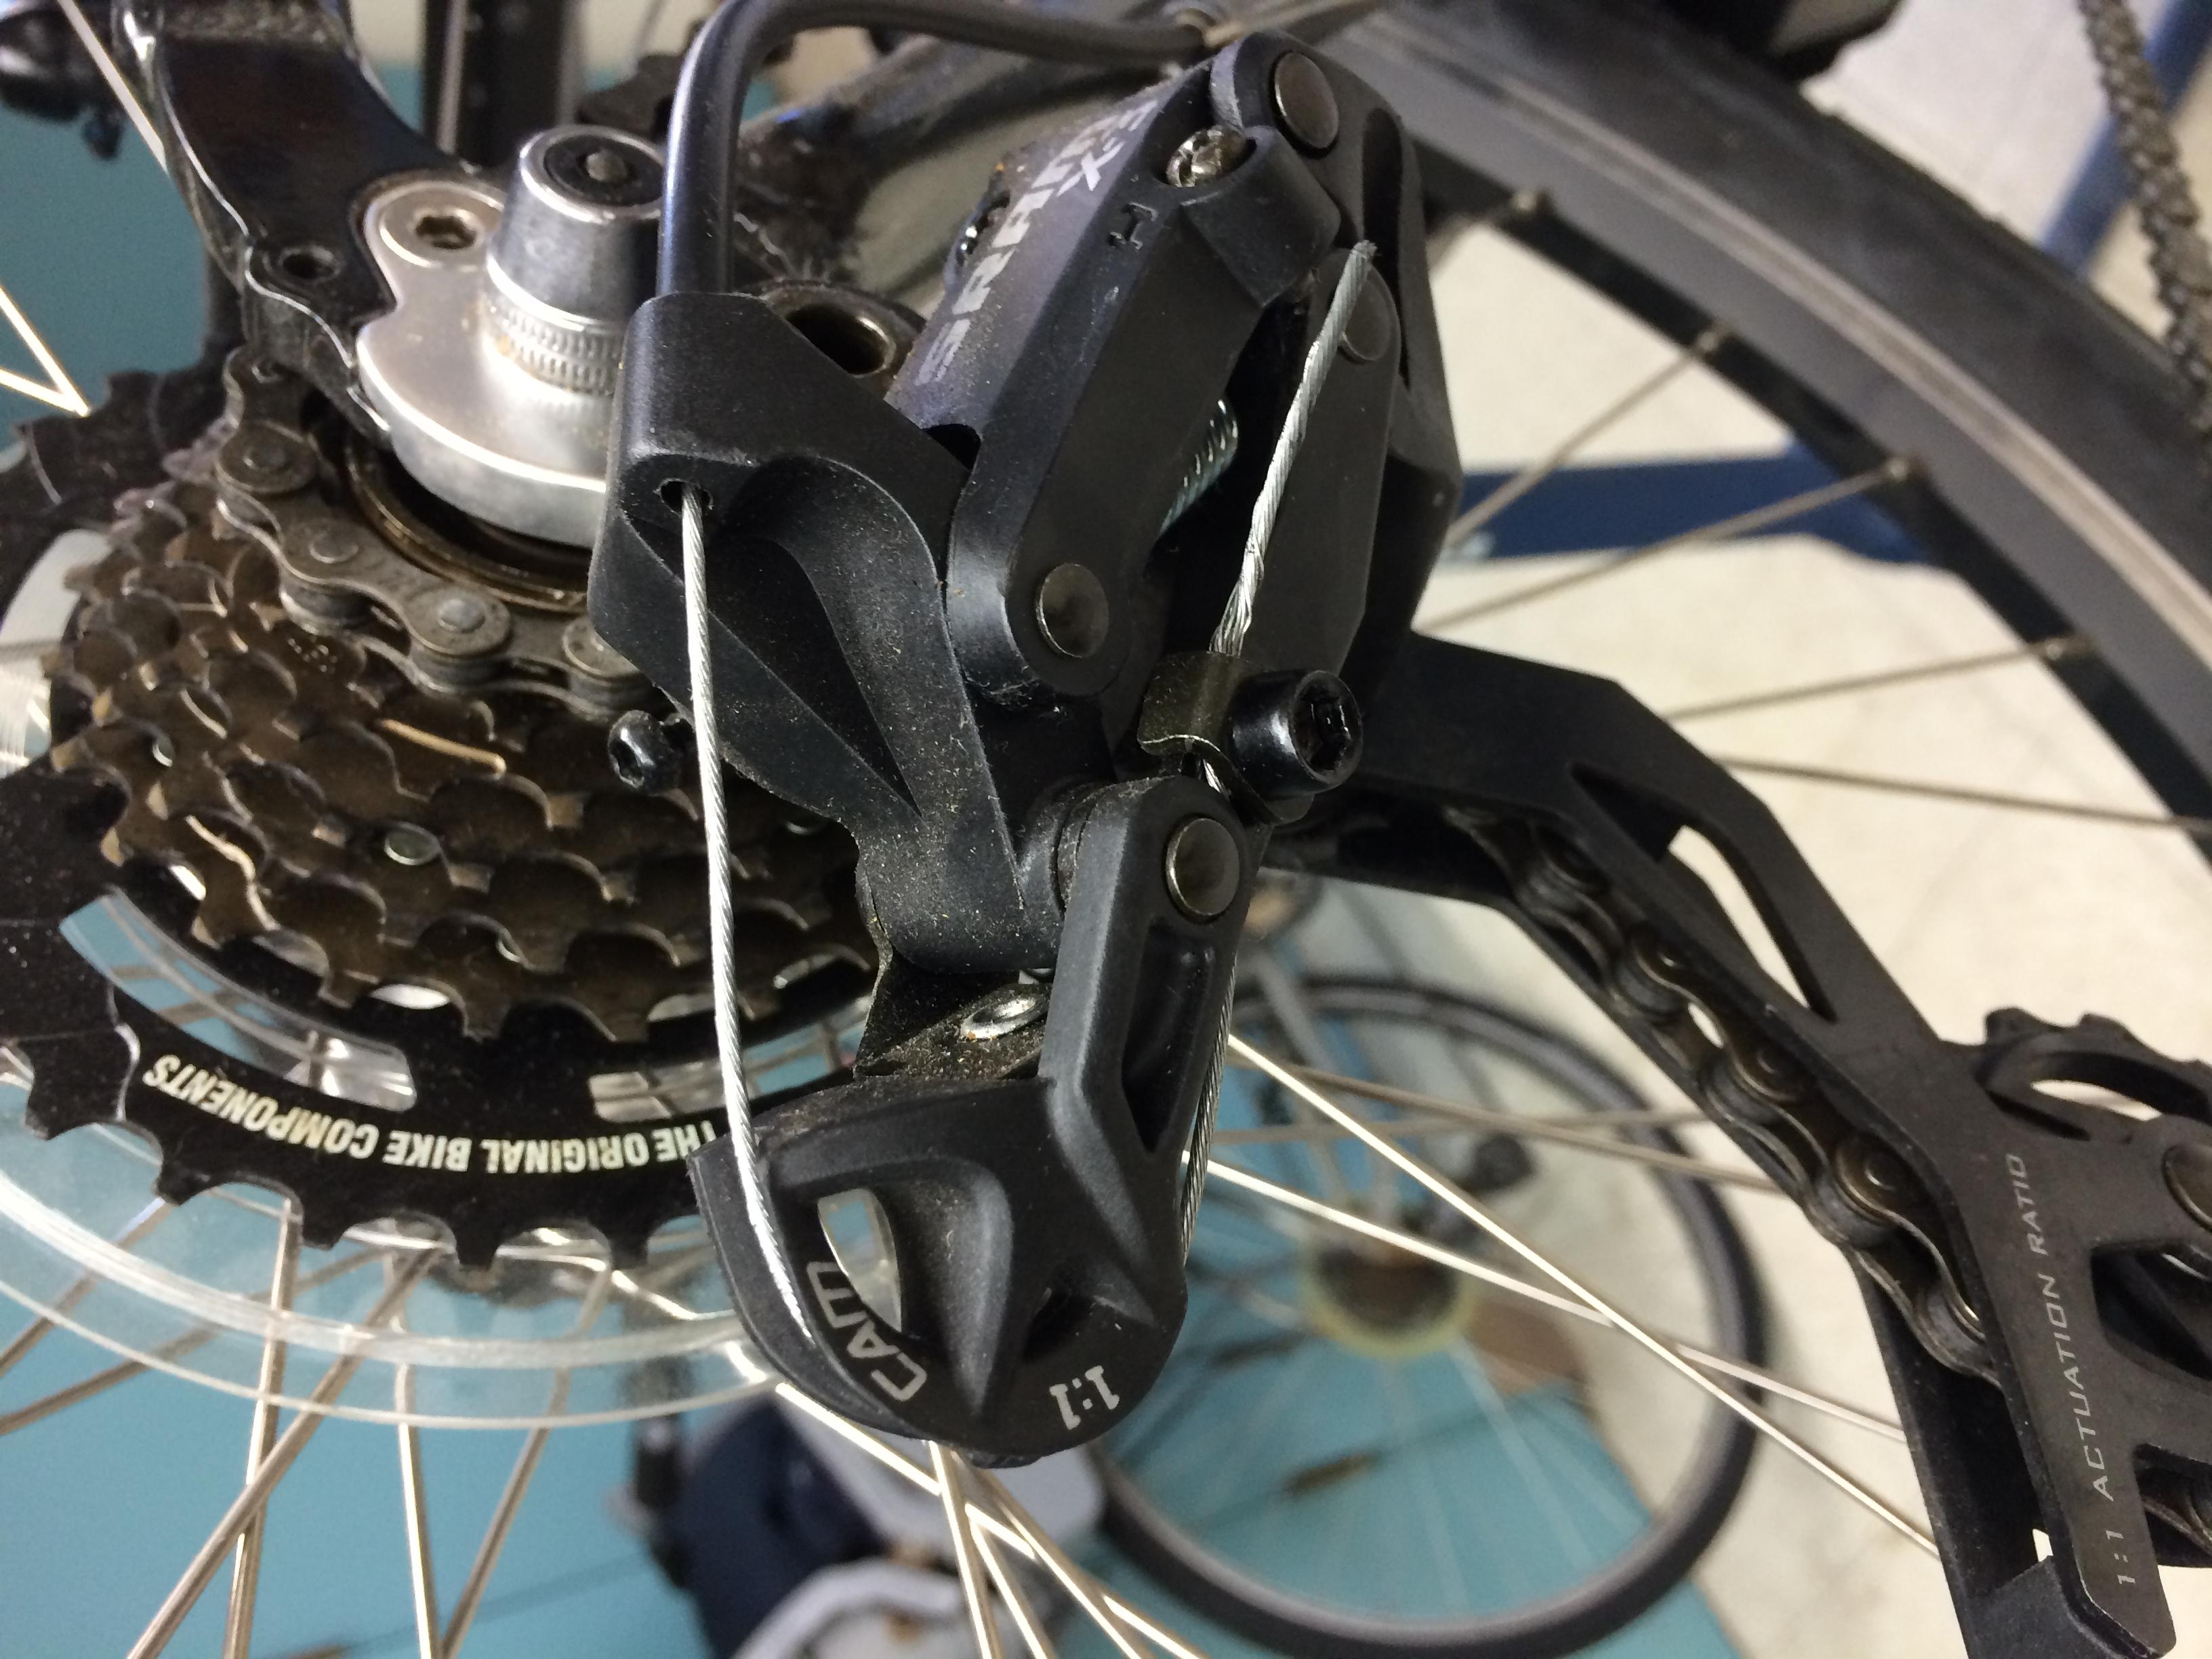 Replacing Rear Derailleur Cable